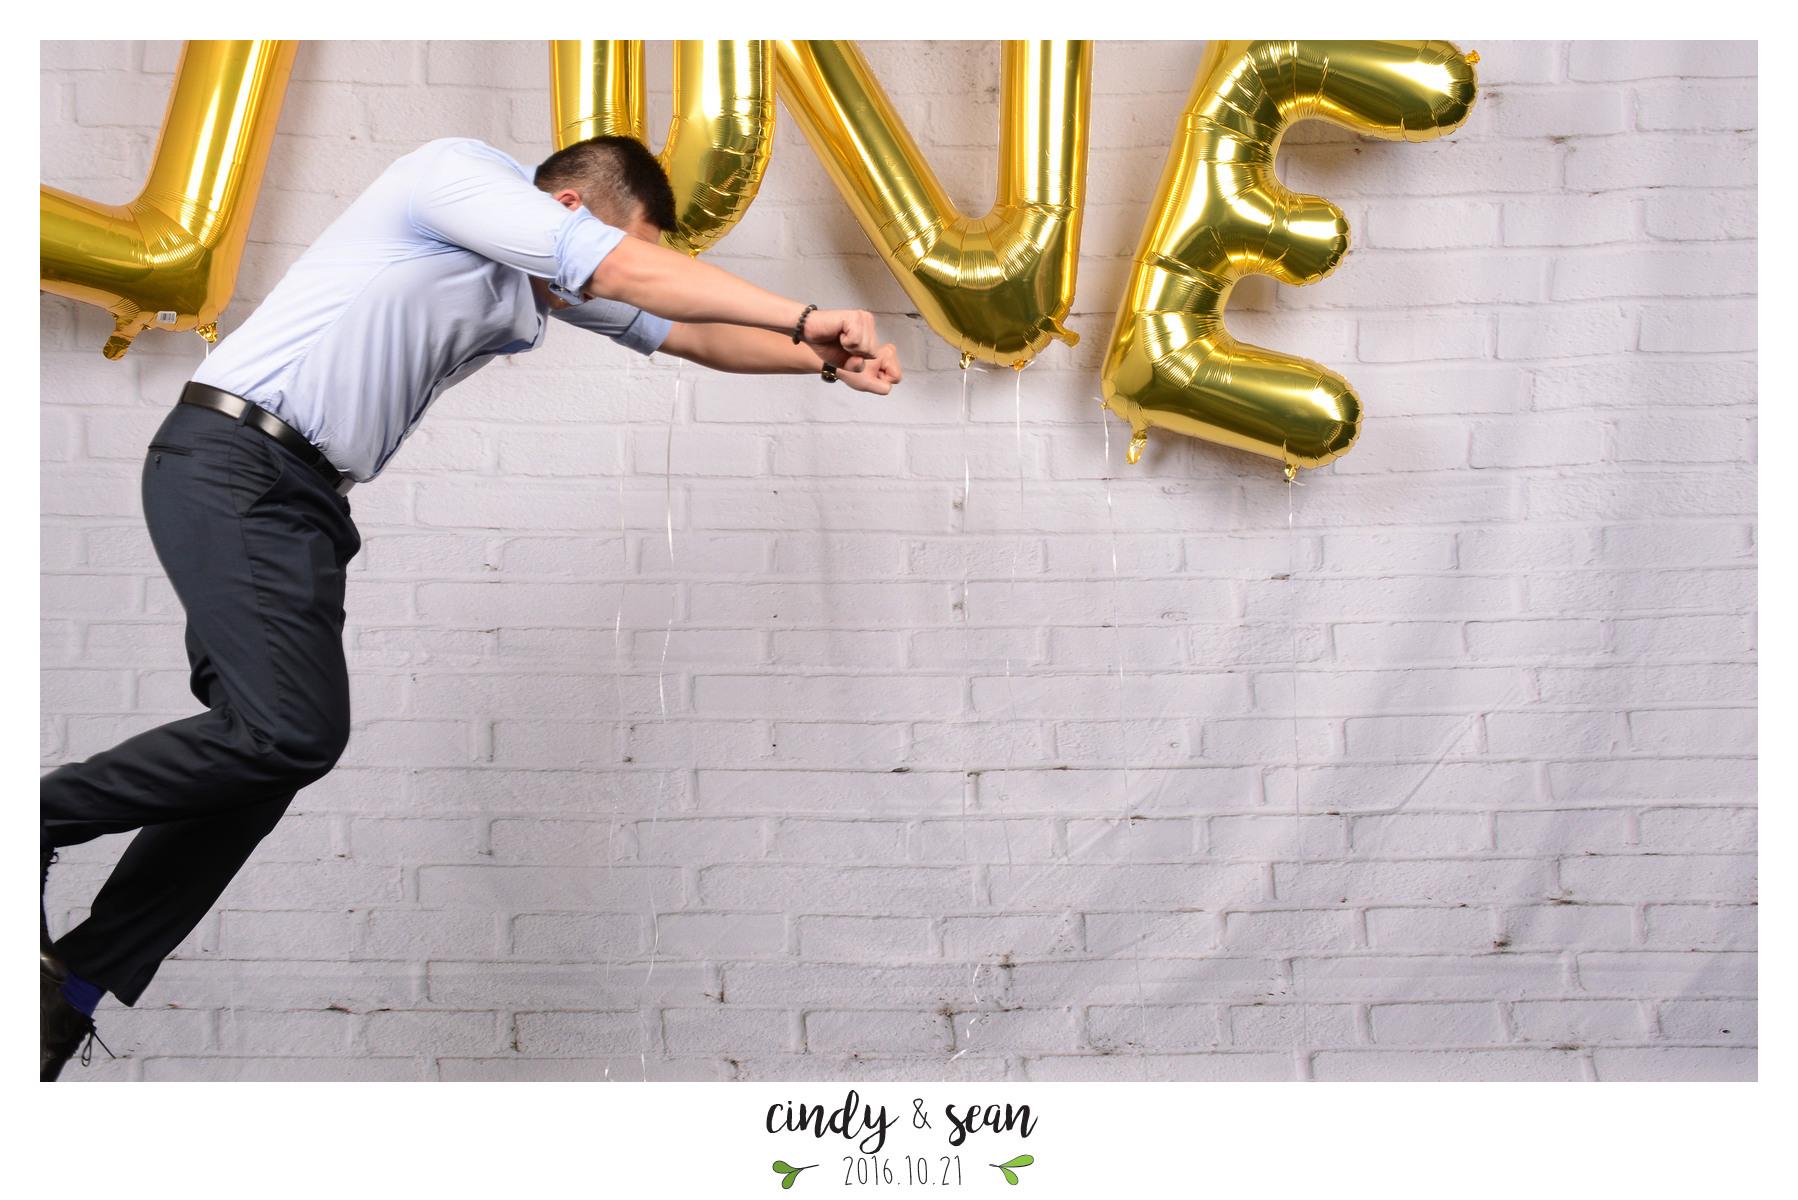 Cindy Sean Bae - 0001-206.jpg